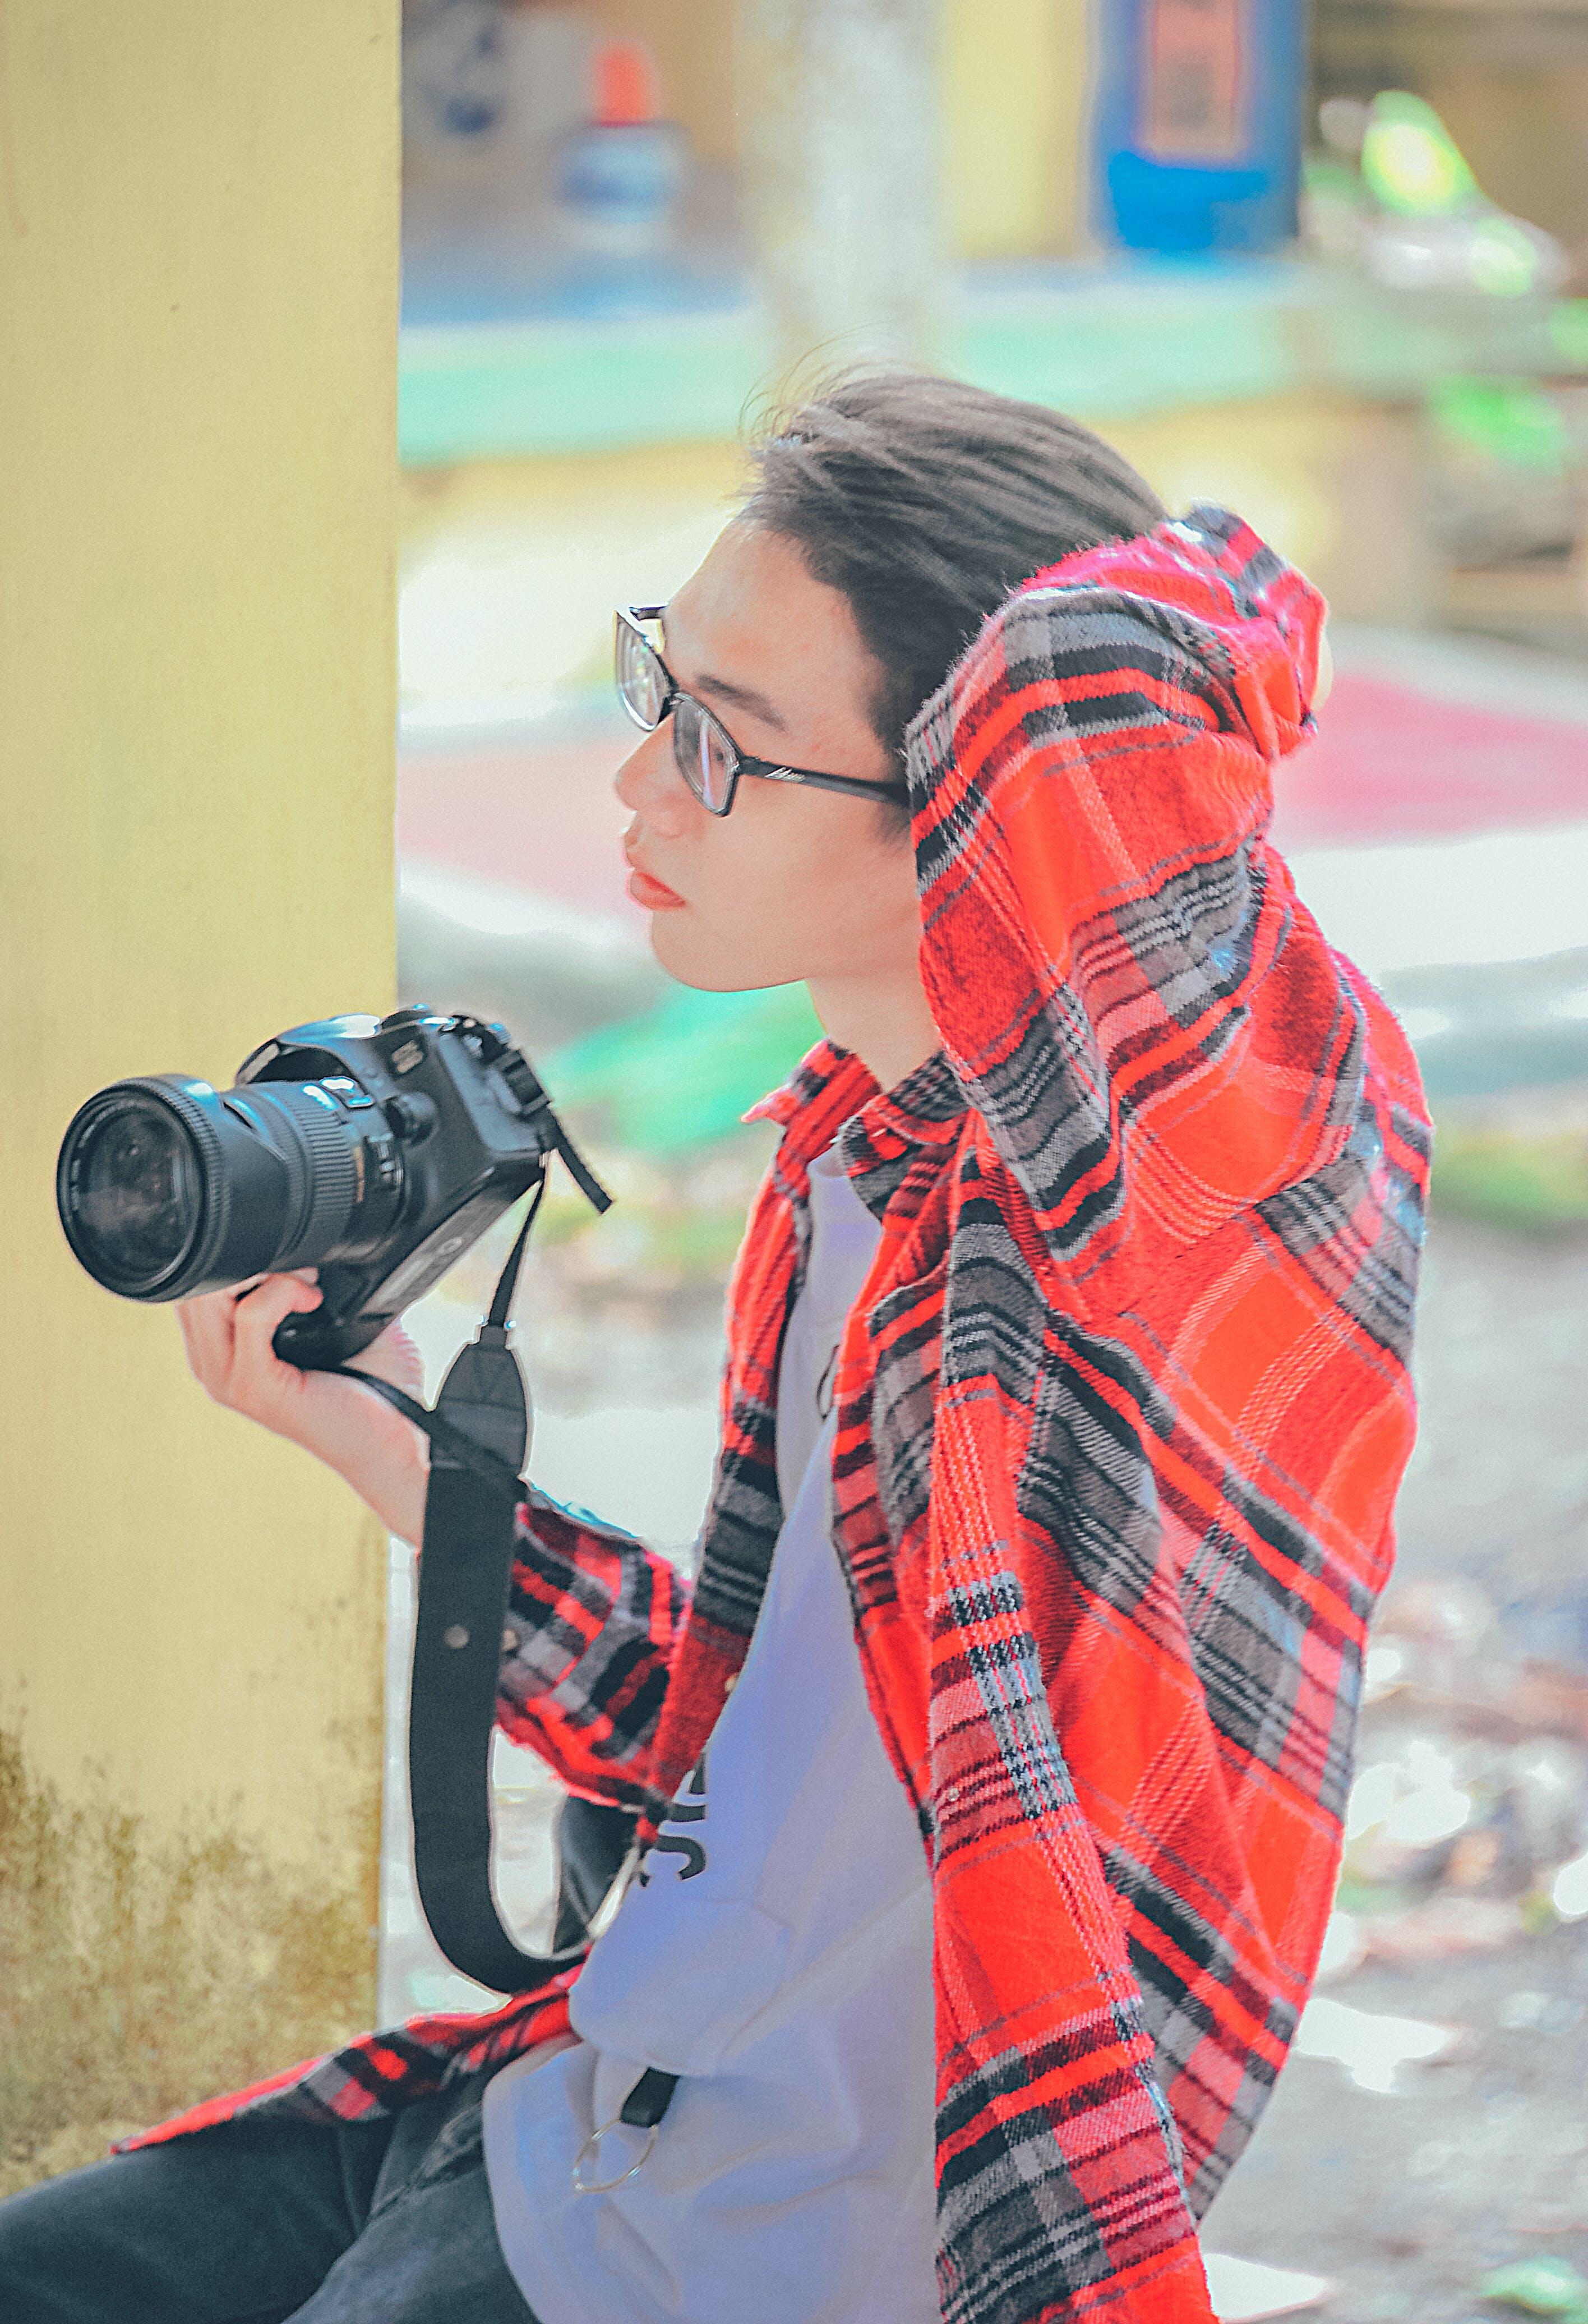 Gratis lagerfoto af fotograf, fritid, kamera, linse